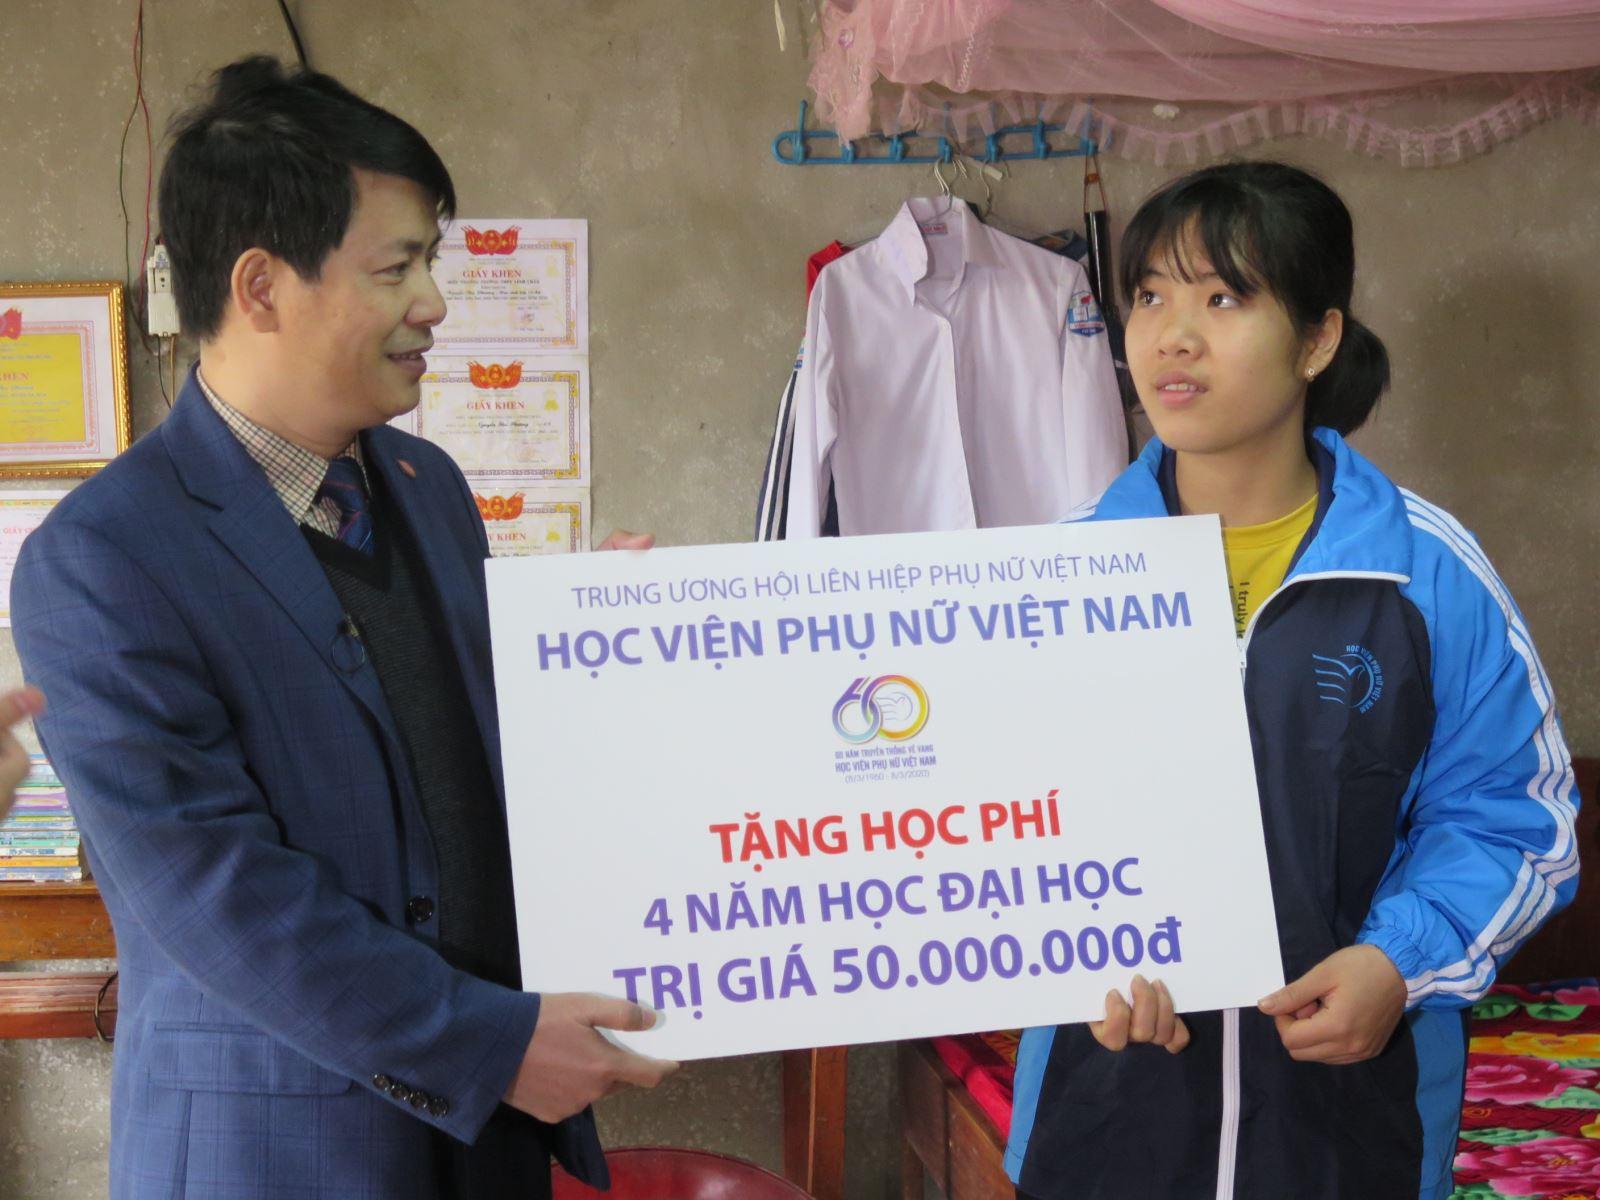 HV Phụ nữ Việt Nam chia sẻ yêu thương đến học sinh có hoàn cảnh khó khăn